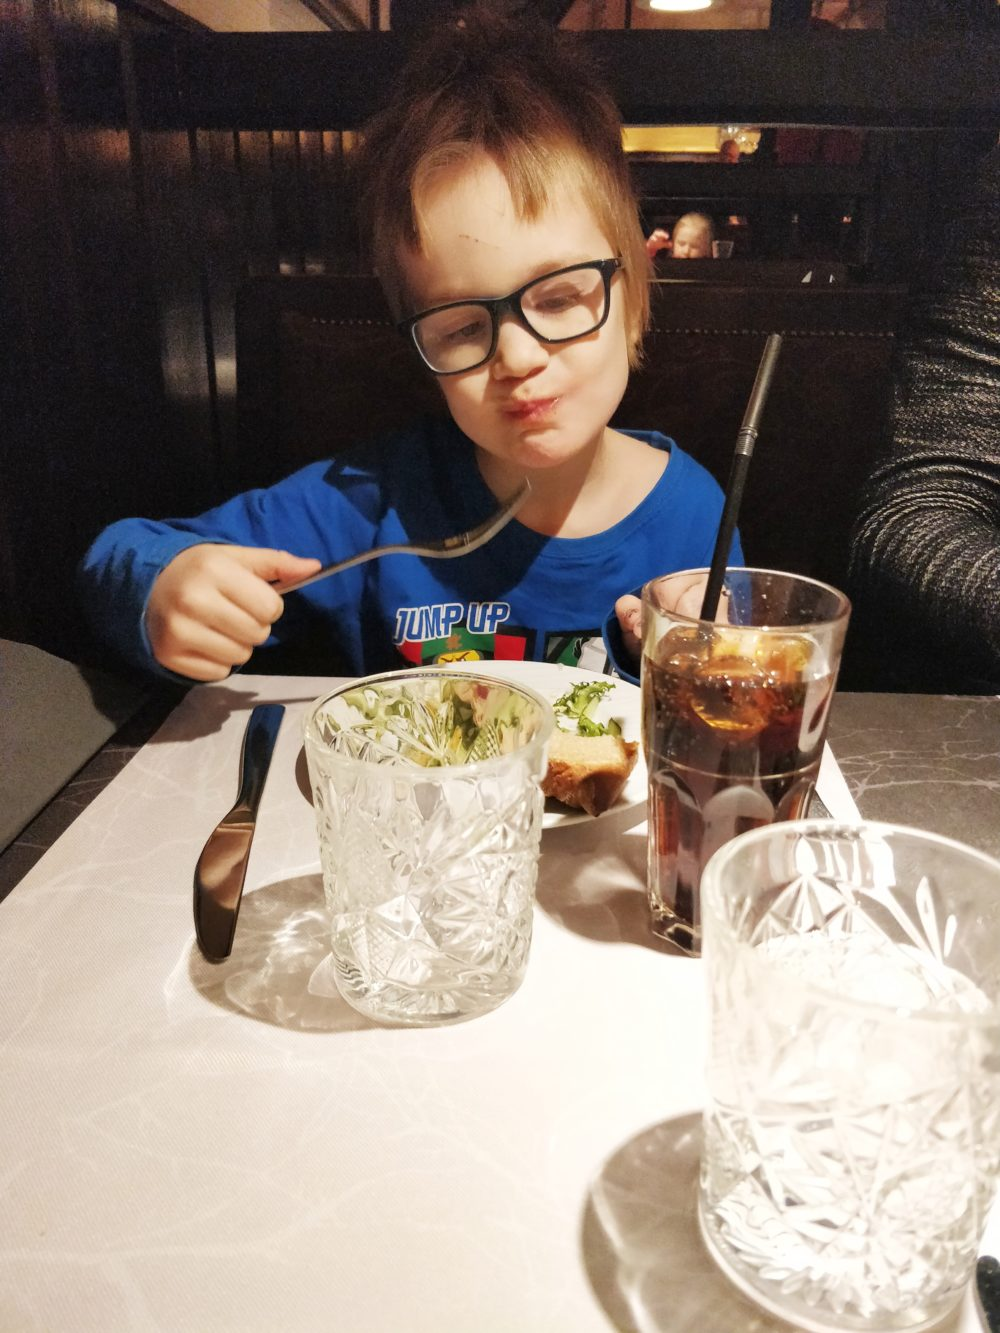 You are currently viewing Onko lasten paikka ravintolassa?